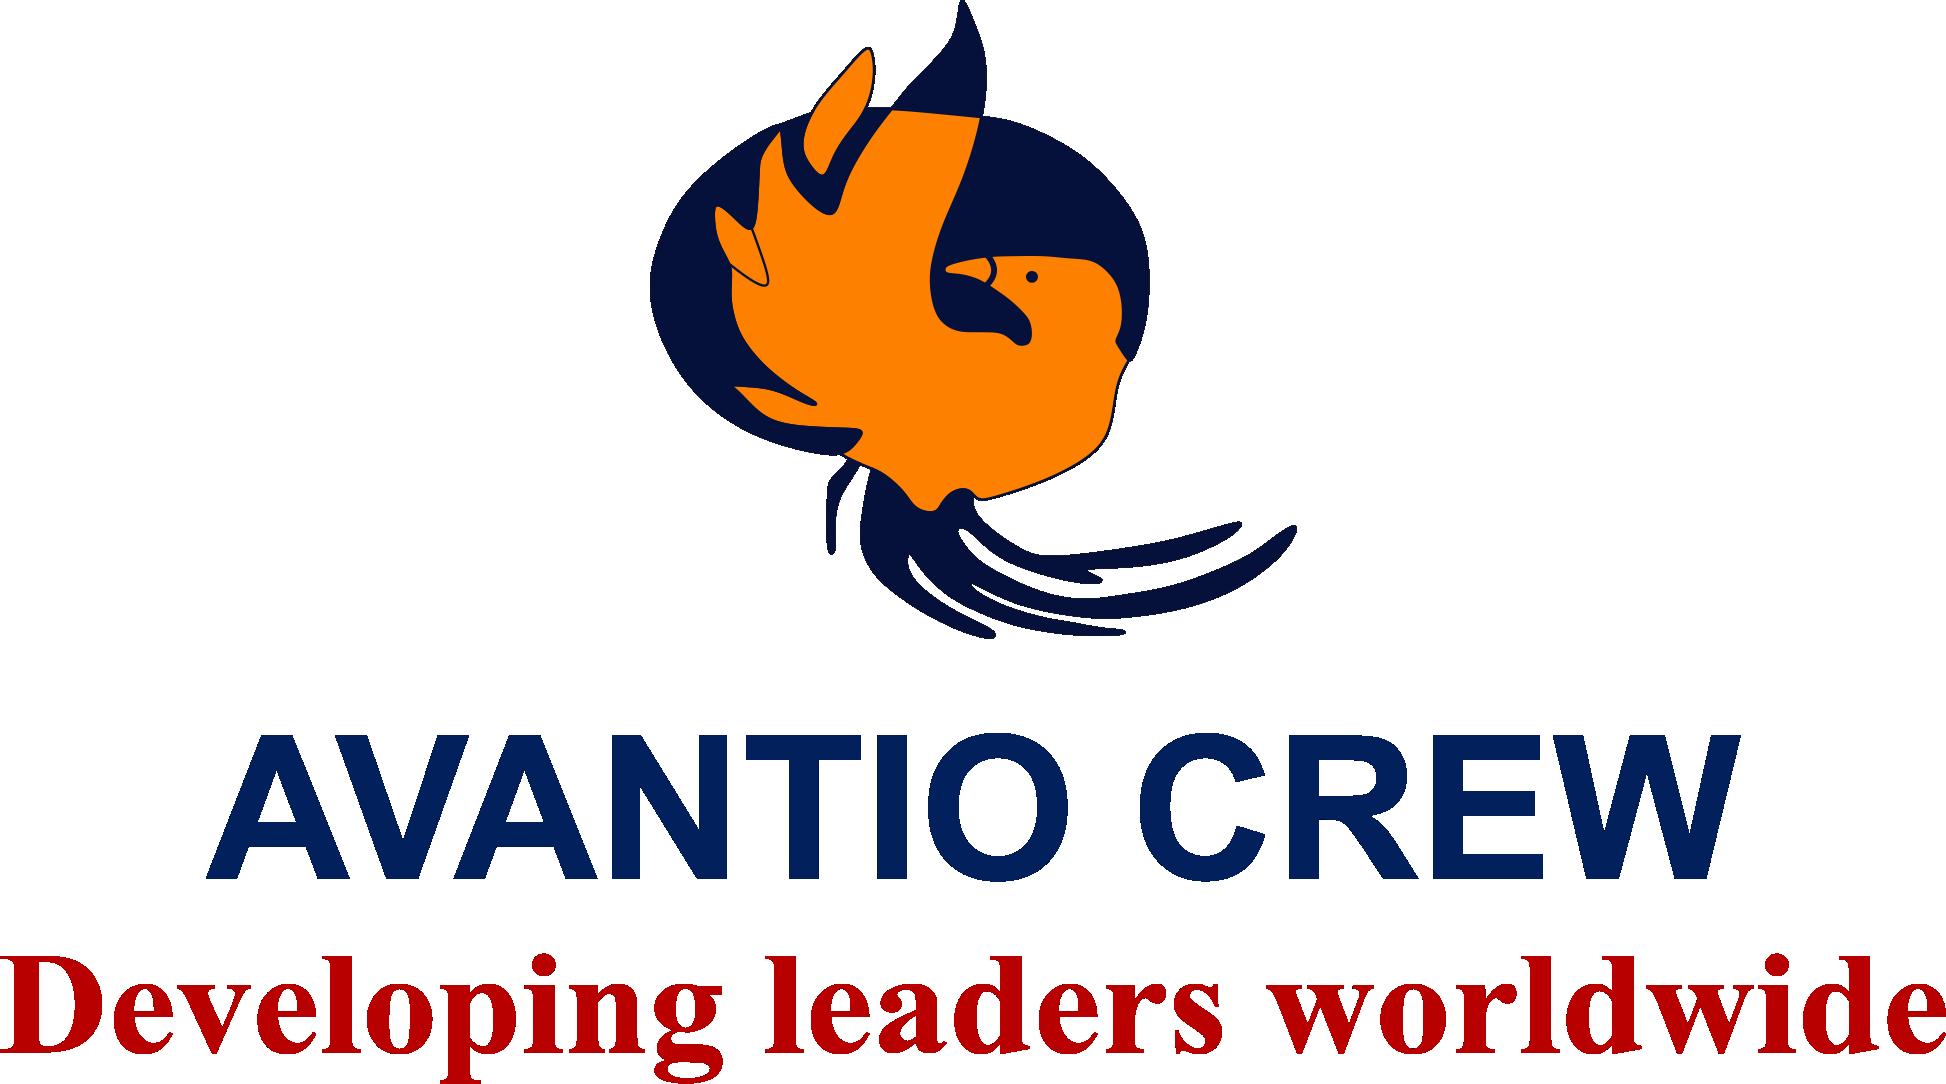 Avantio Crew